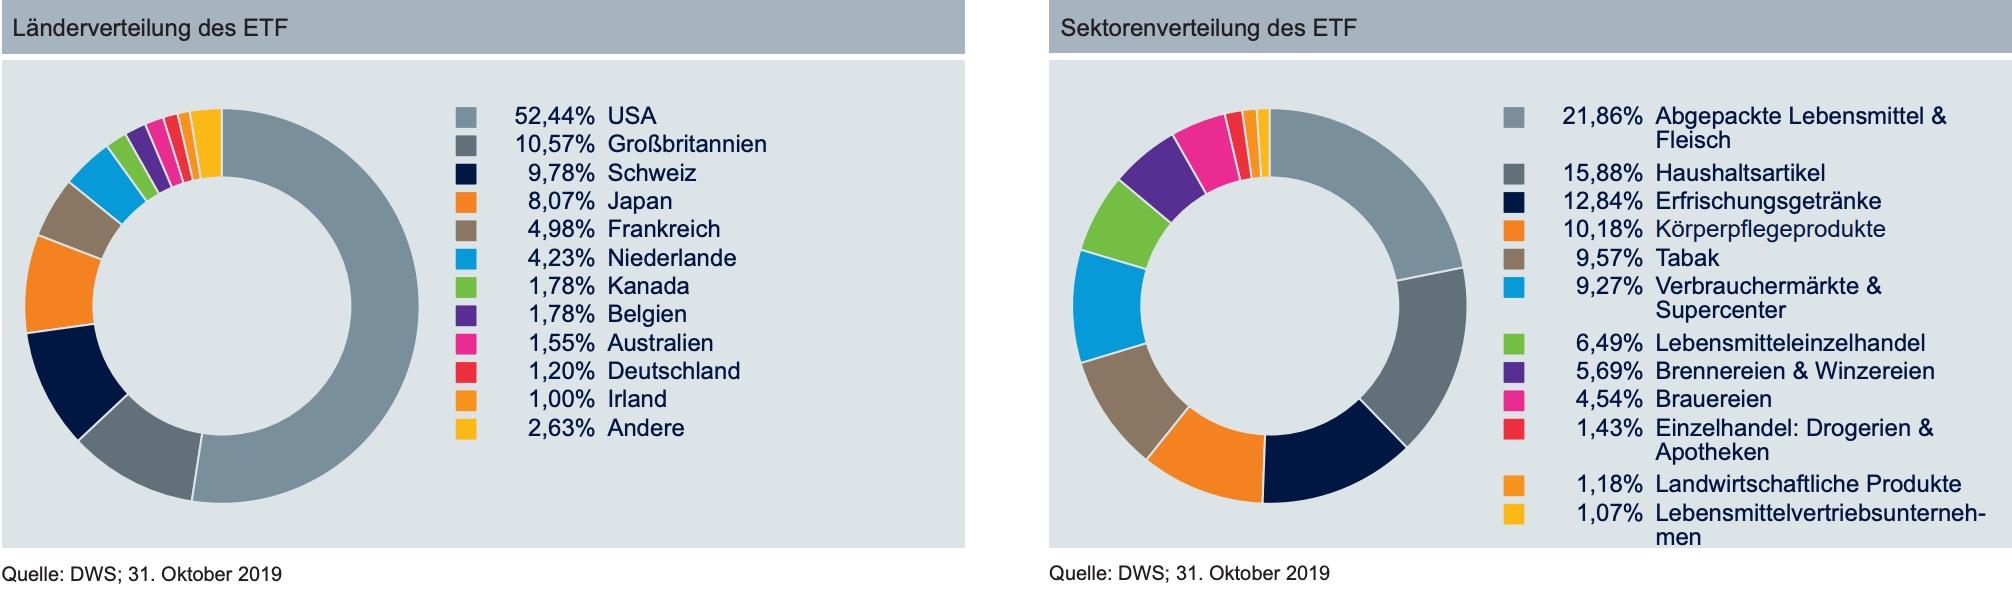 Auf der Grafik sieht man die Länder und Produktkategorien des Konsum-ETFs, in die dieser Xtrackers-ETF investiert.